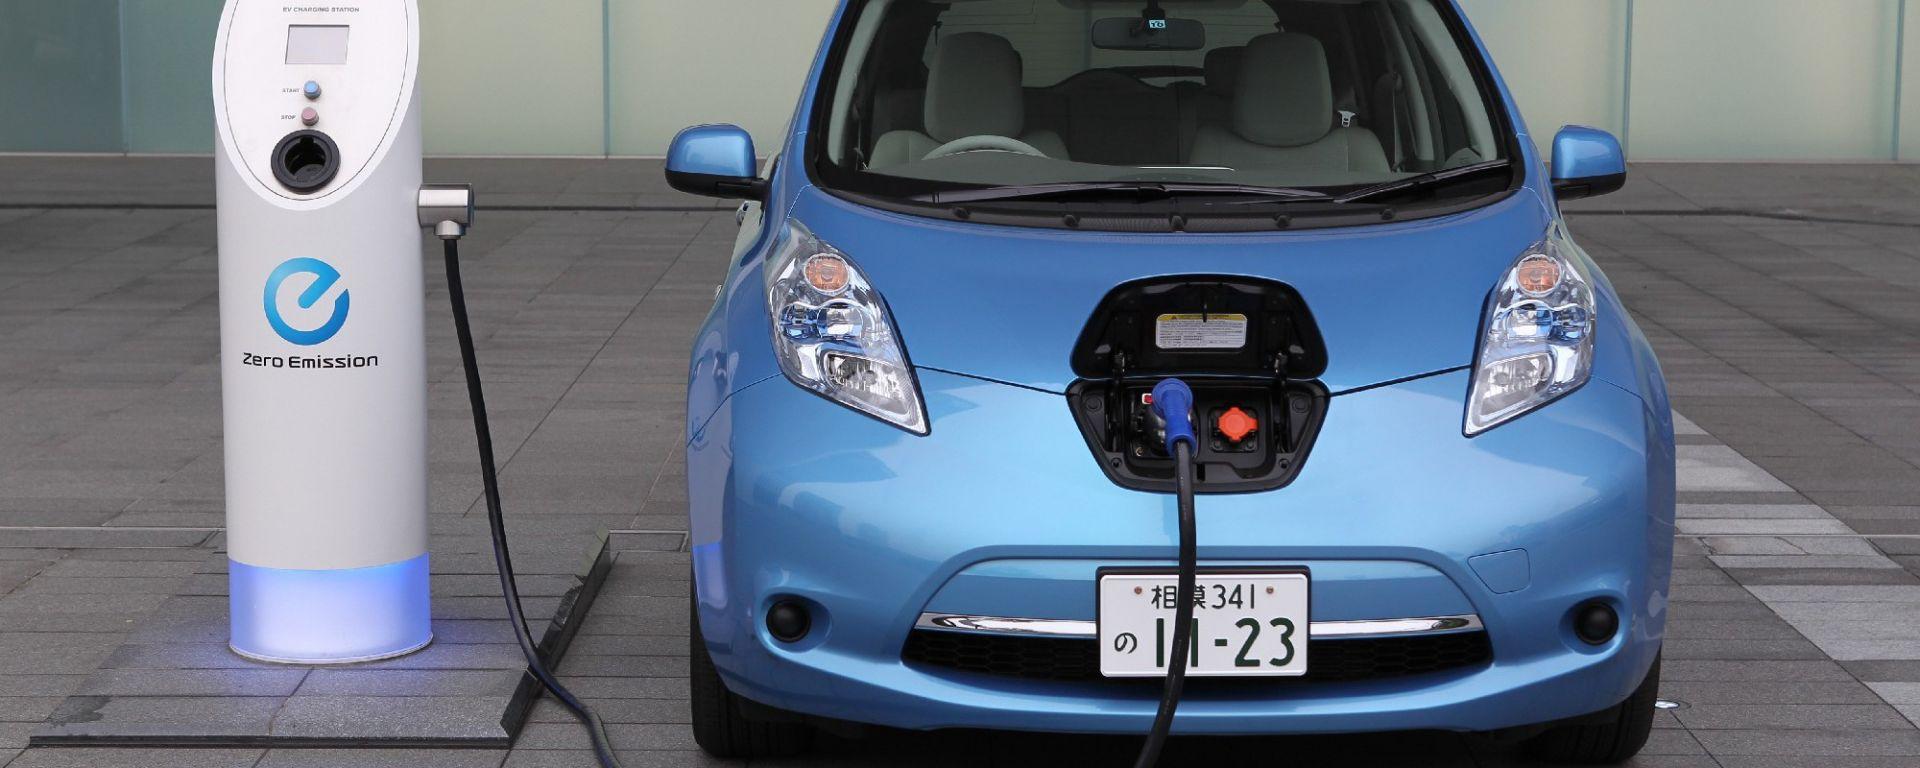 """La Nissan Leaf è """"auto dell'anno 2011"""" in Giappone"""